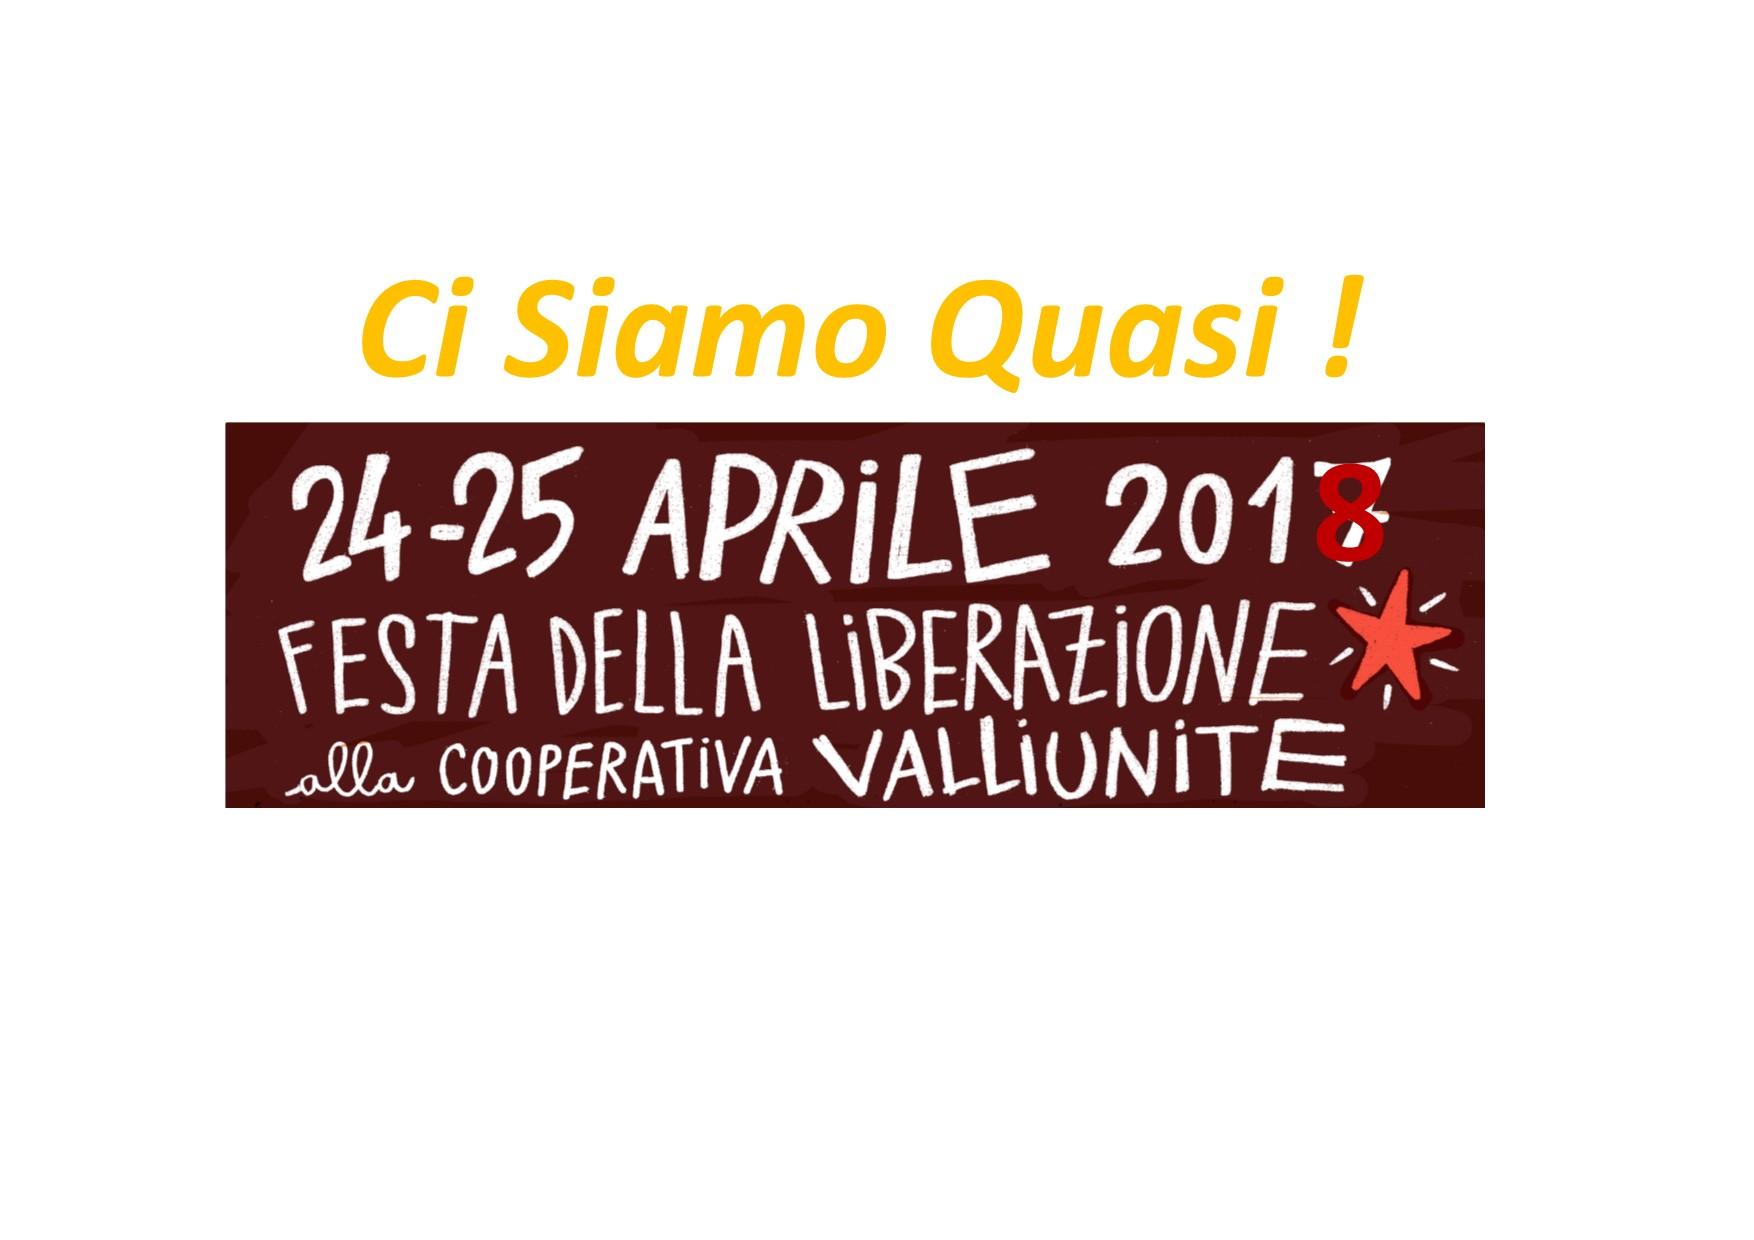 Festa della Liberazione 24 e 25 aprile